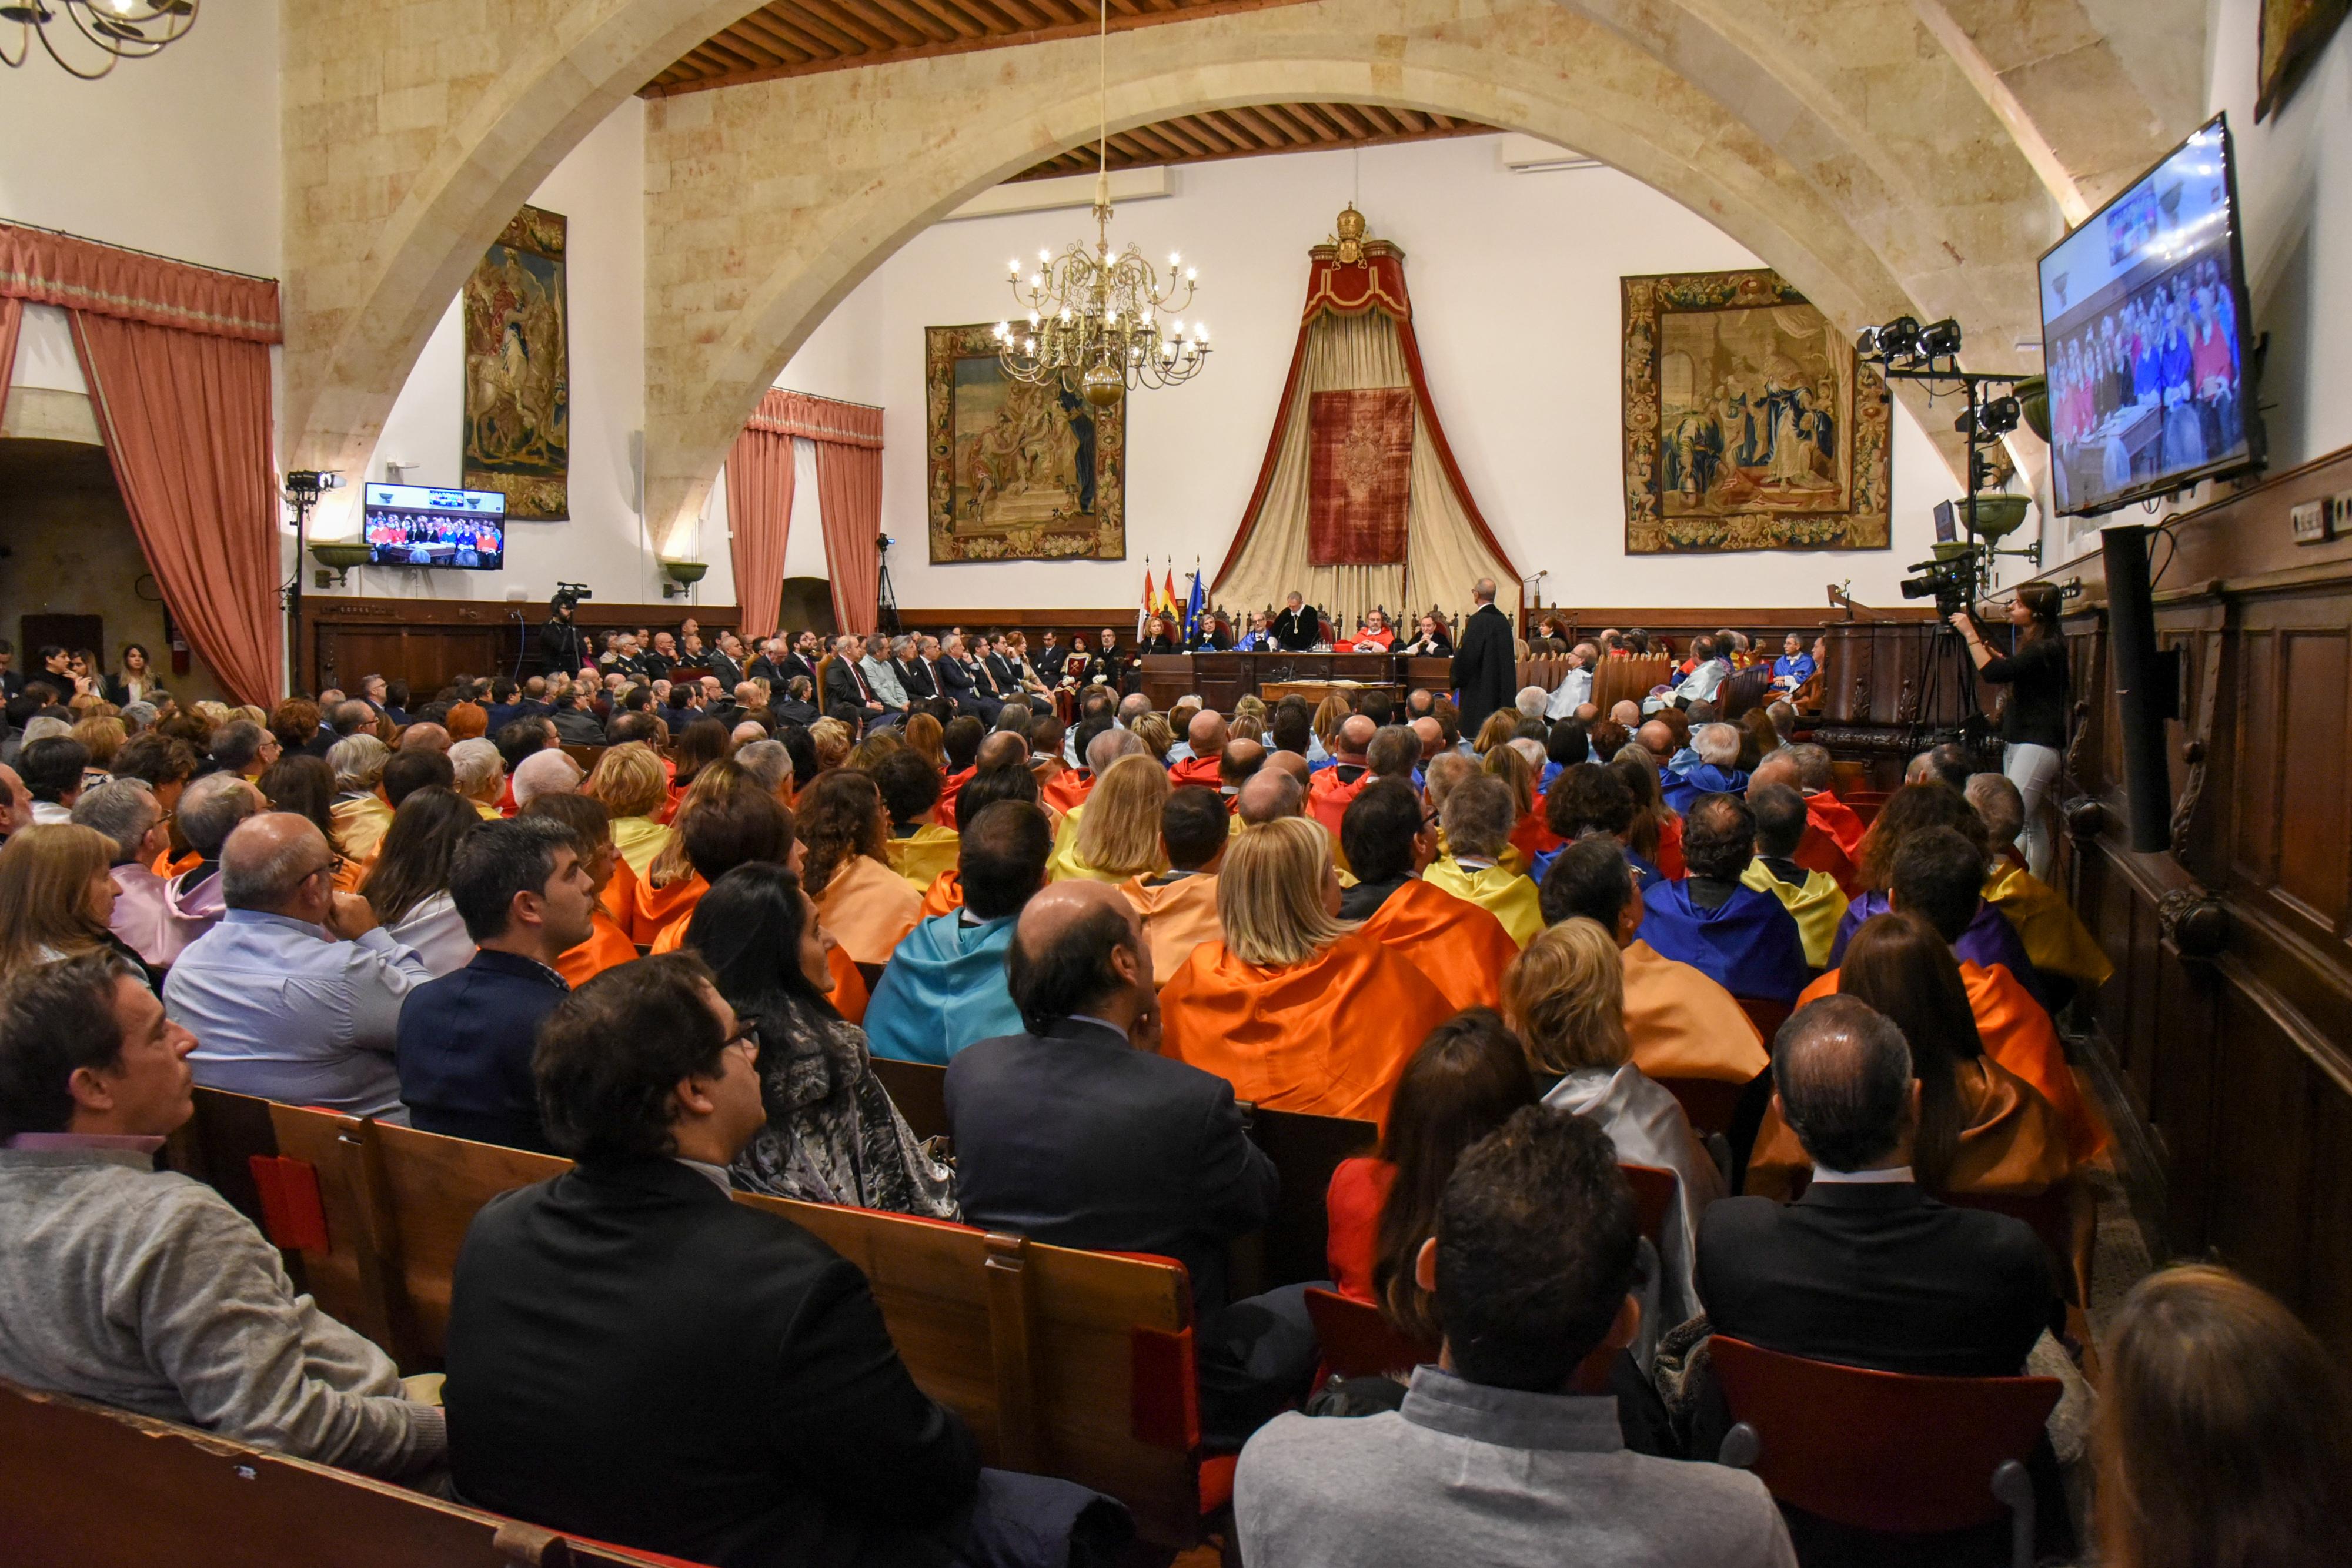 El rector Ricardo Rivero toma posesión de su cargo apelando a la unidad de la comunidad universitaria y tendiendo la mano al resto de universidades de la región